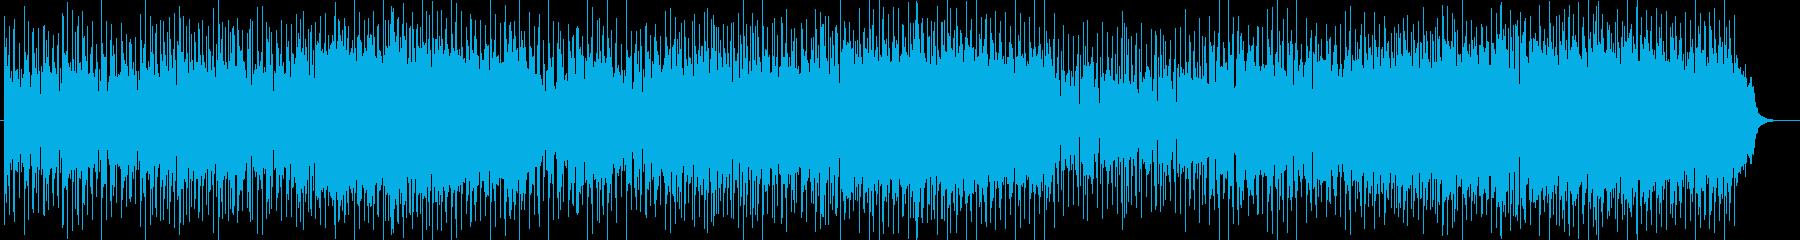 爽やかなセッションによるフュージョンの再生済みの波形